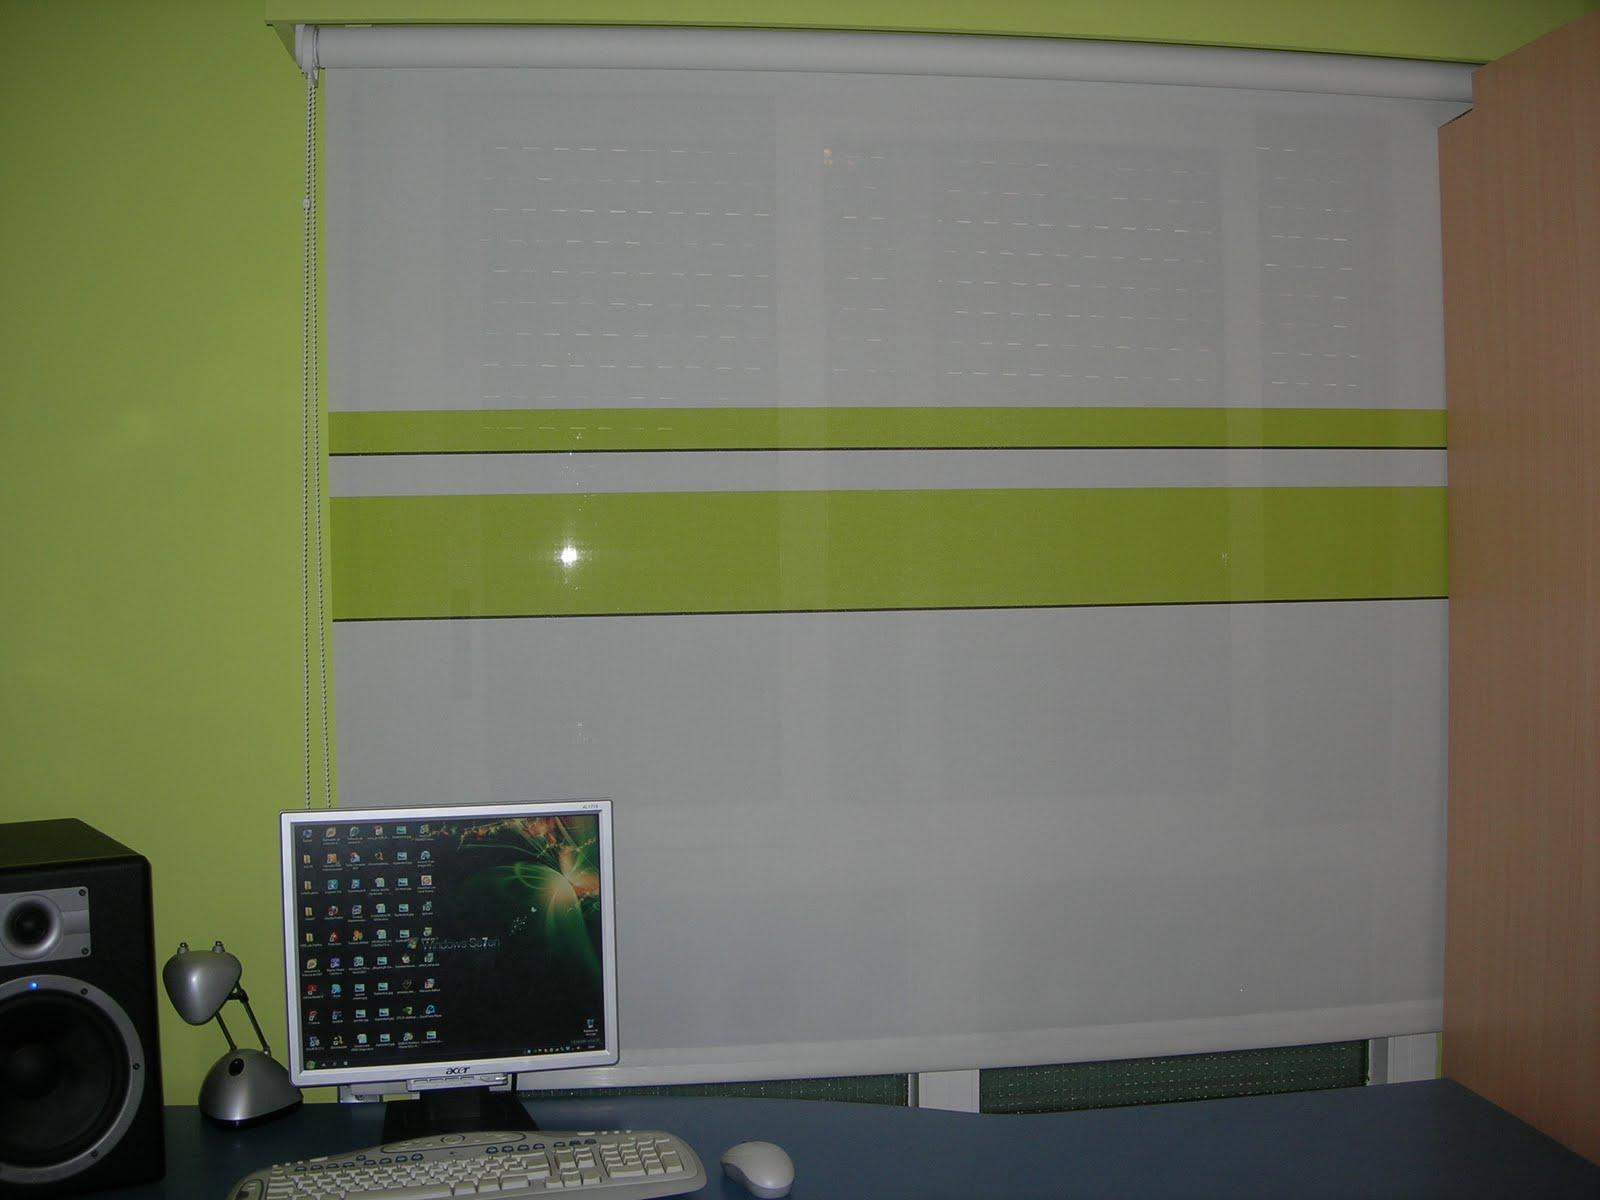 Cortinas zaragoza estores paneles japoneses estores enrollables cortinas enrollables - Estores personalizados con fotos ...